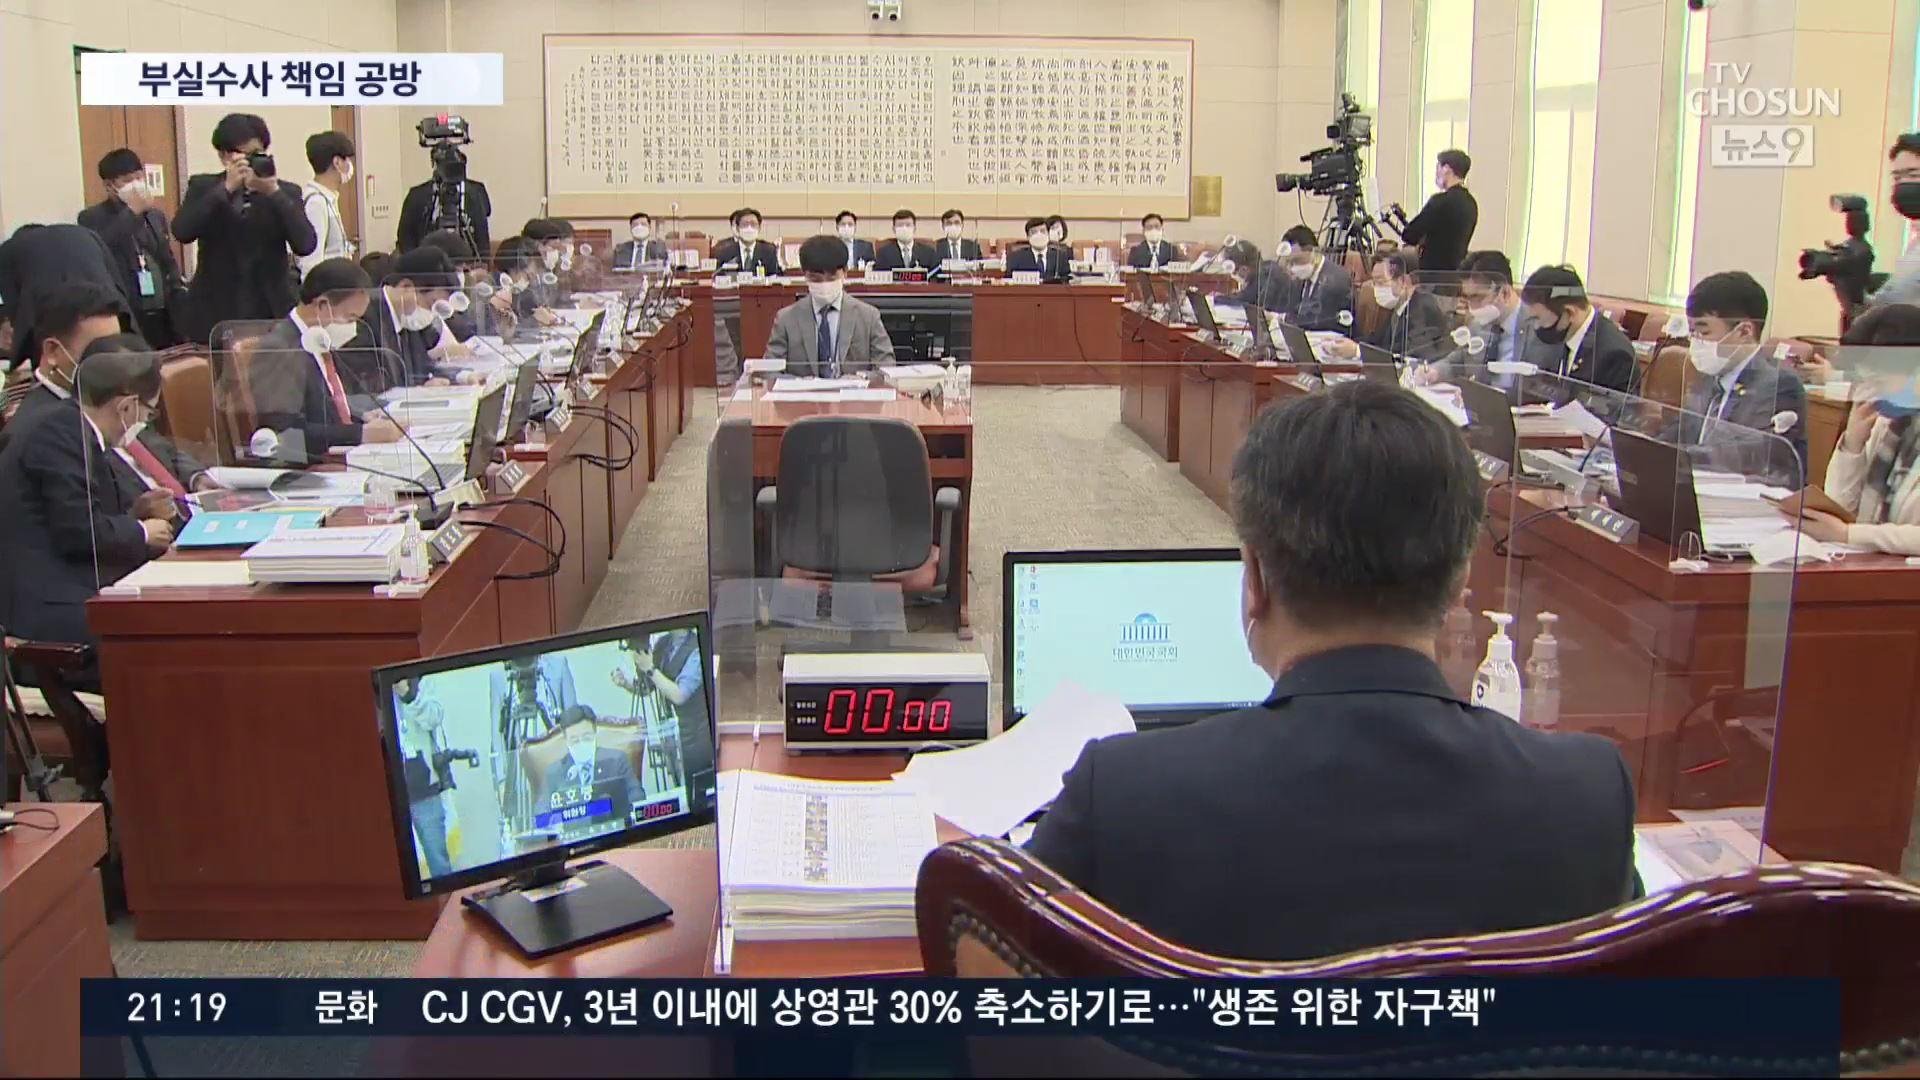 라임·옵티머스 檢수사 공방…與 '윤석열 탓' vs 野 '추미애 탓'